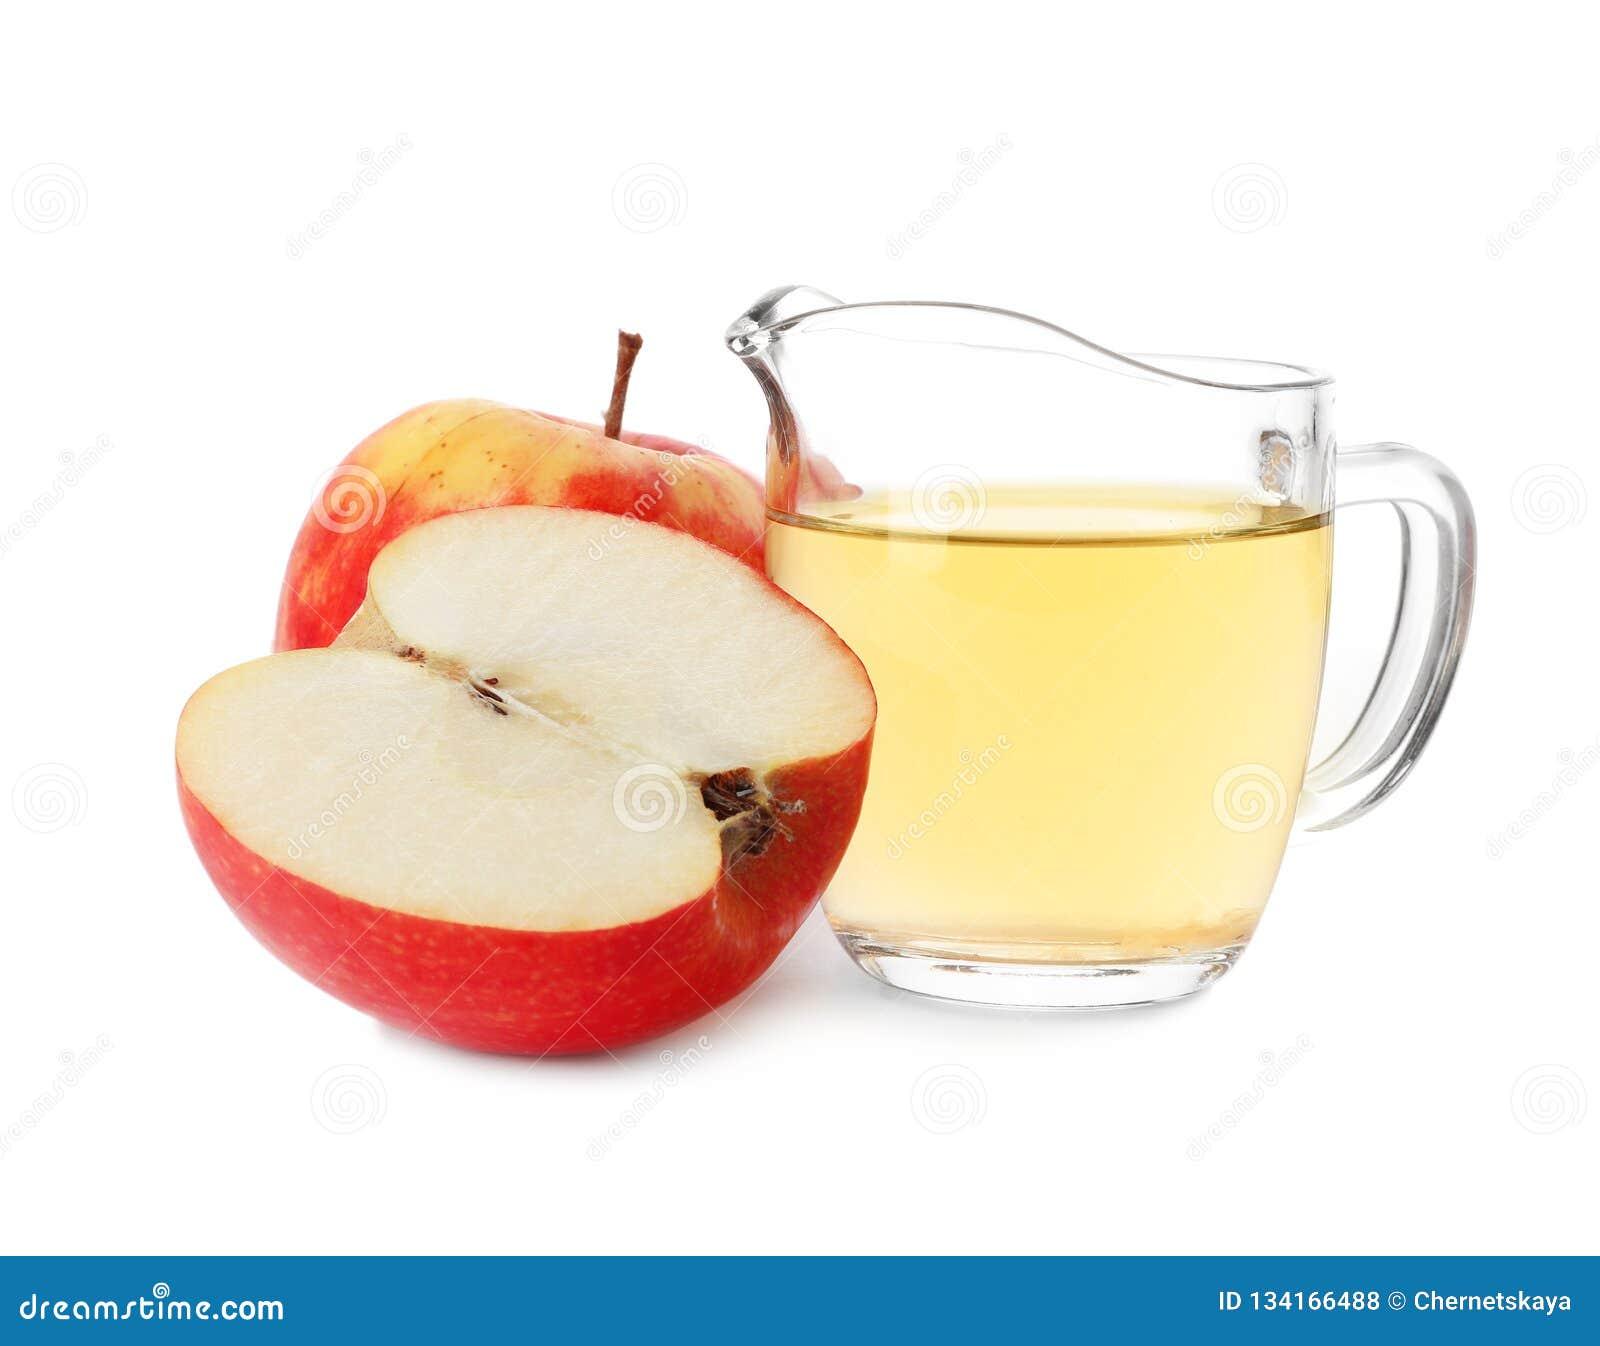 Ocet w szklanym miotaczu i świeżych jabłkach